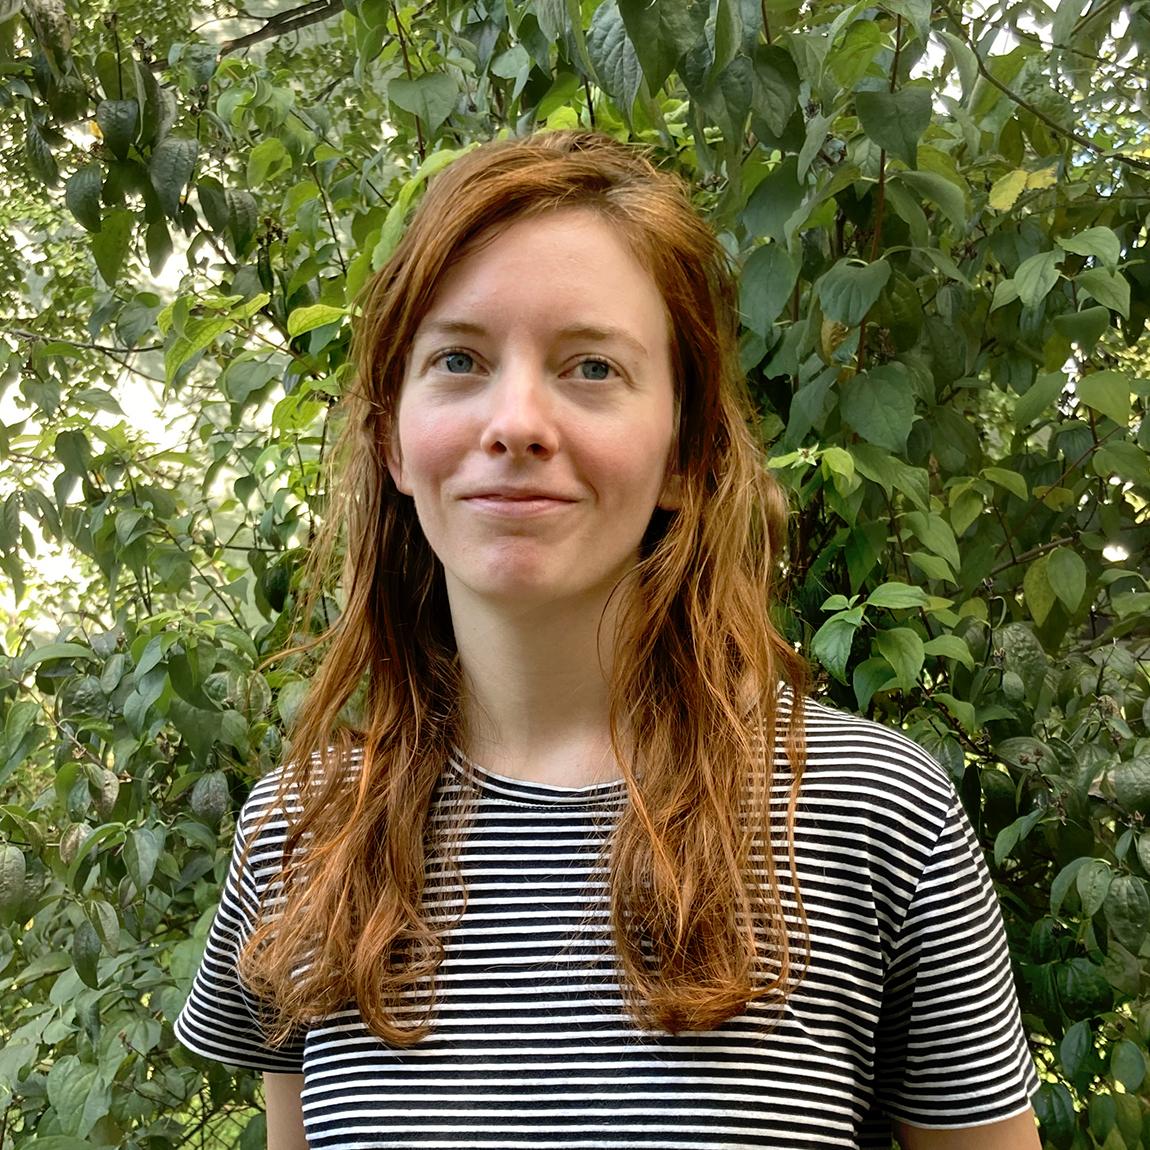 Maddie Hoagland-Hanson